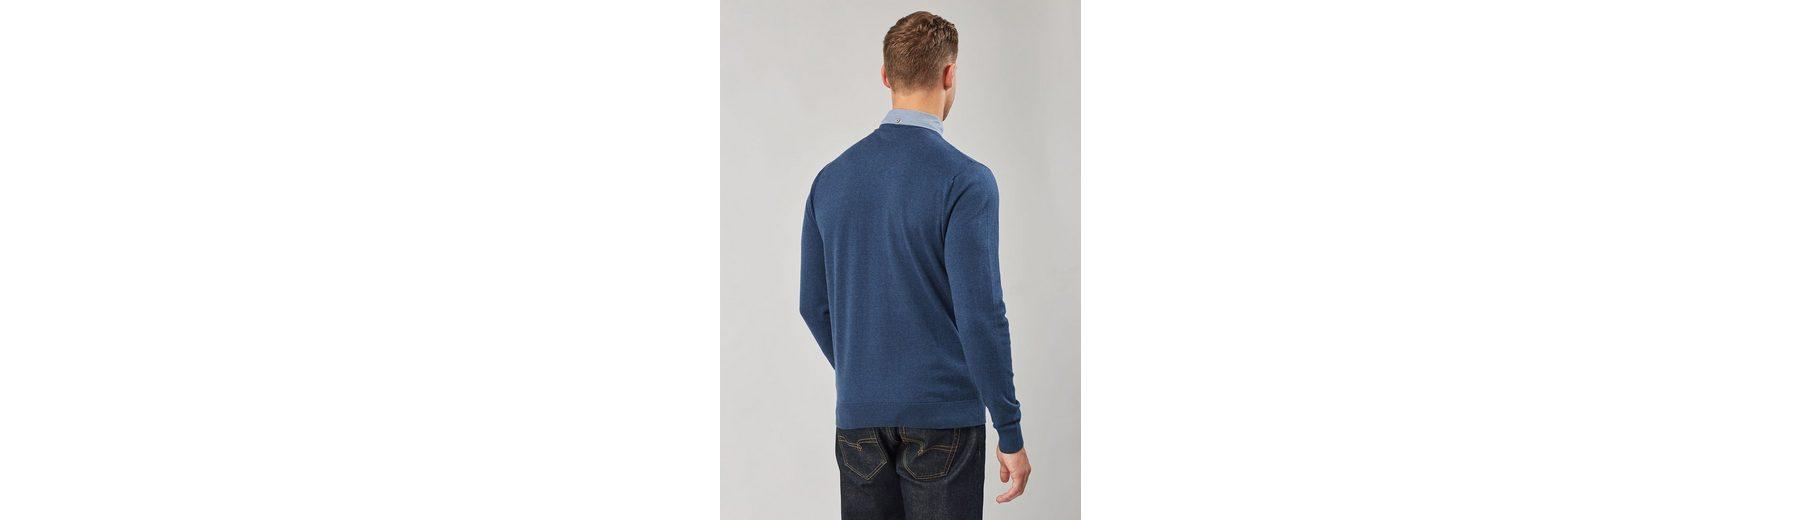 Next Shirt mit V-Ausschnitt und angedeutetem Hemdeinsatz Verkaufsstelle 7V3cN